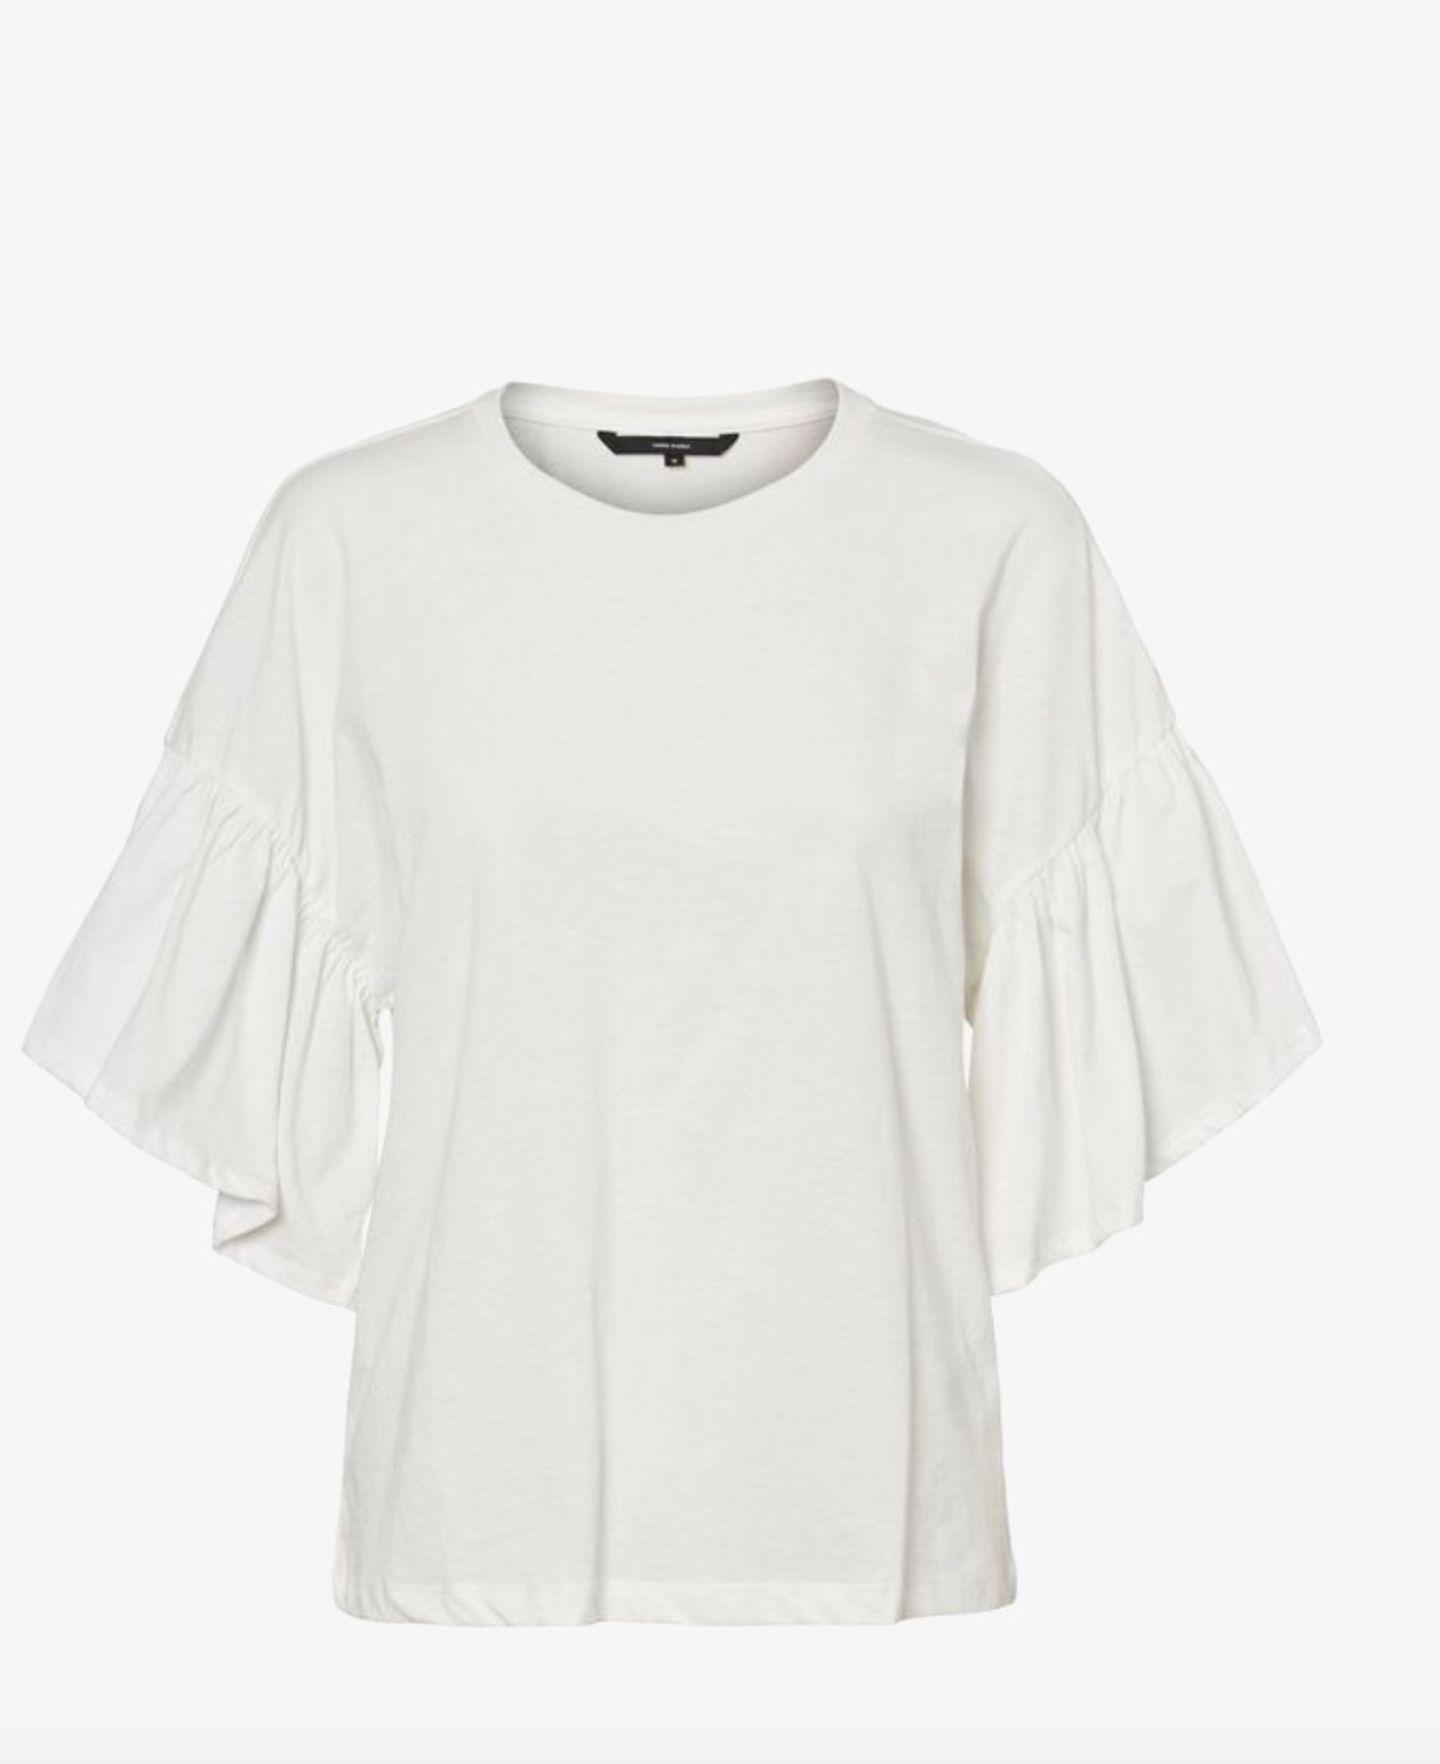 Man nehme einen lockeren Fit und füge noch ein paar Volants hinzu – et volià, fertig ist die neue Trend-Version des weißen Basic-Shirts. Hach, wenn doch alles bloß so einfach wäre. Von Vero Moda, um 12 Euro.